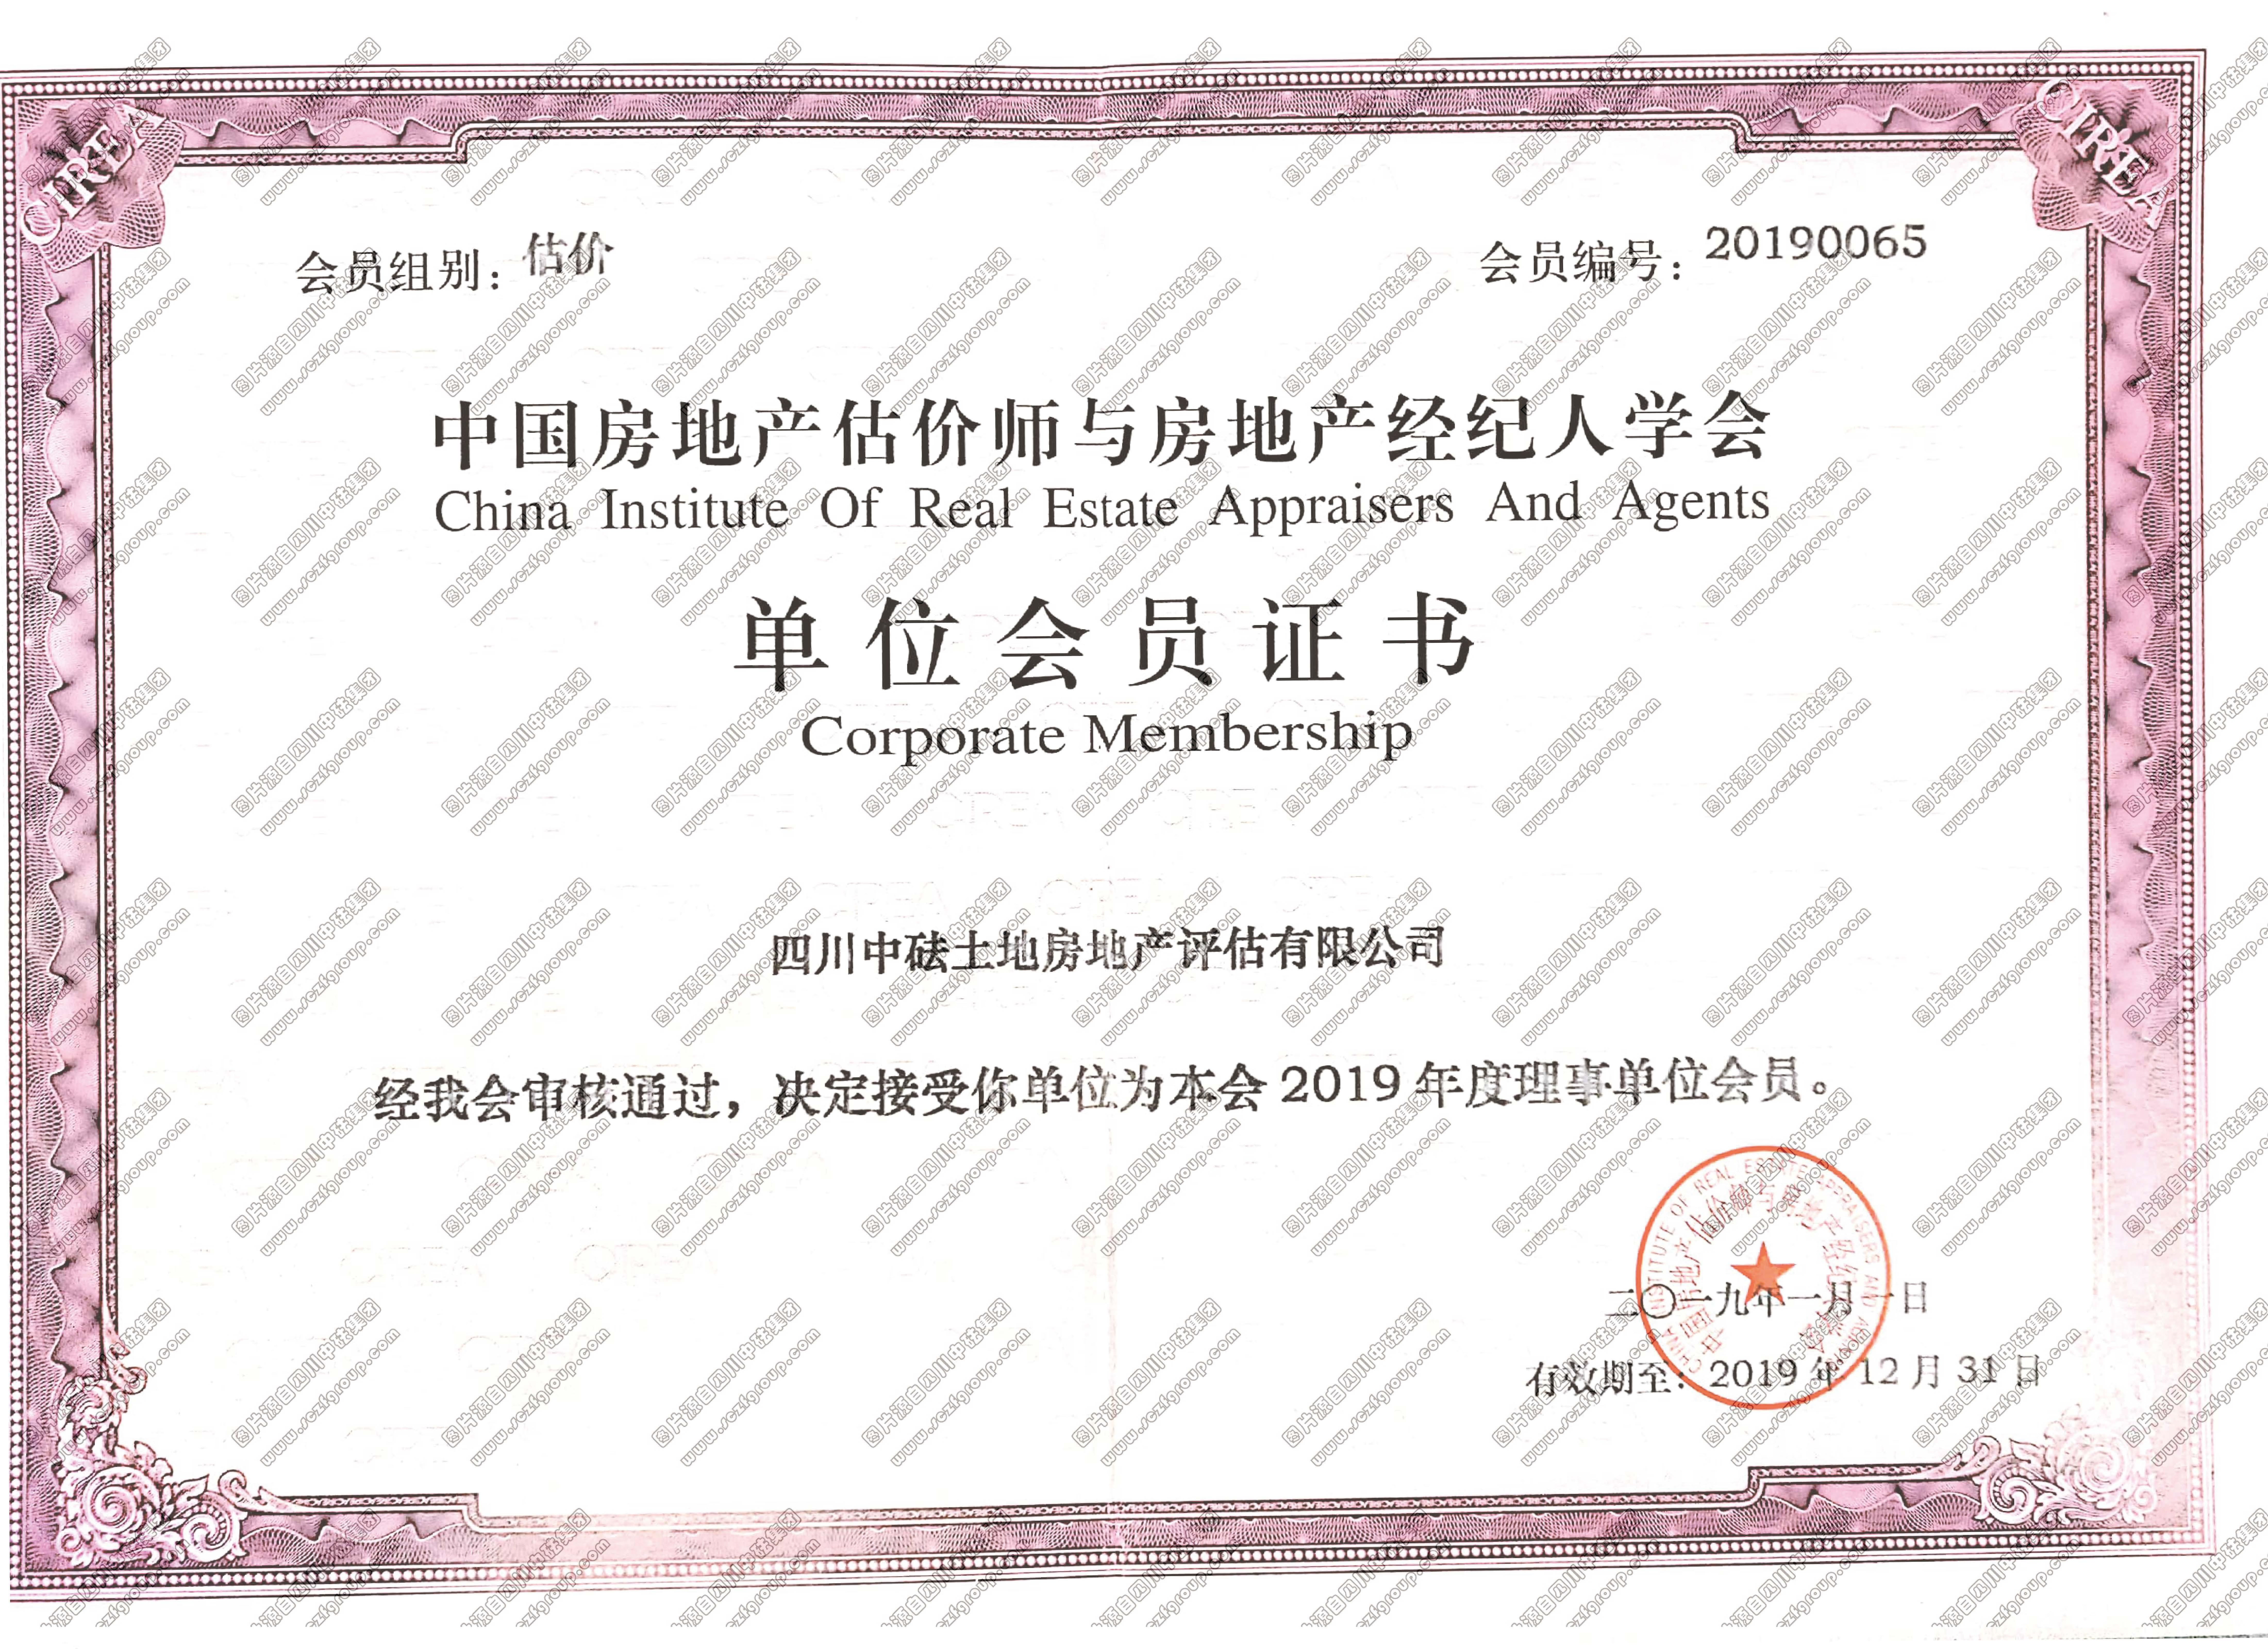 中国房地产估价师与房地产经纪人学会单位会员证书